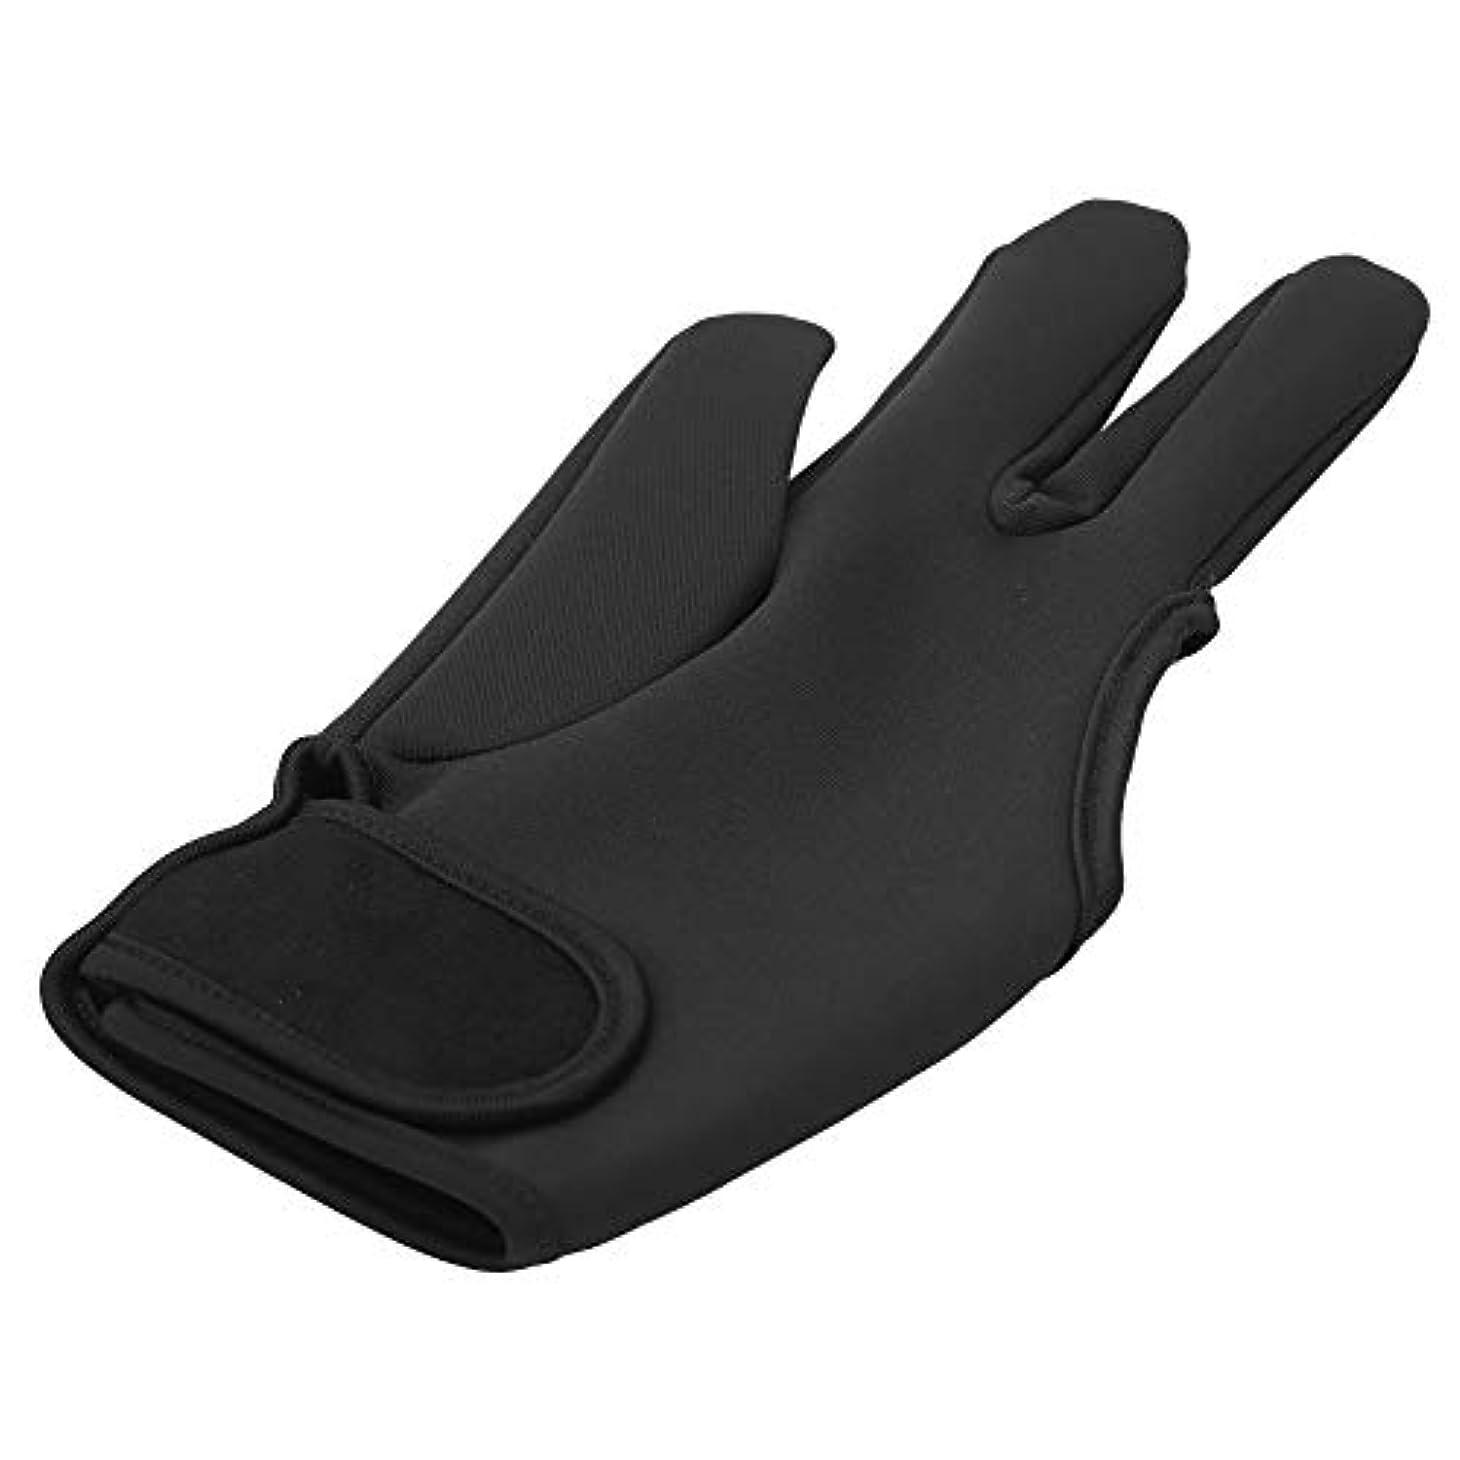 手綱夕方に同意する理髪手袋、理髪を行うときに手をやけどするのを防ぐためのプロの耐熱プルーフグローブ、美容院に最適